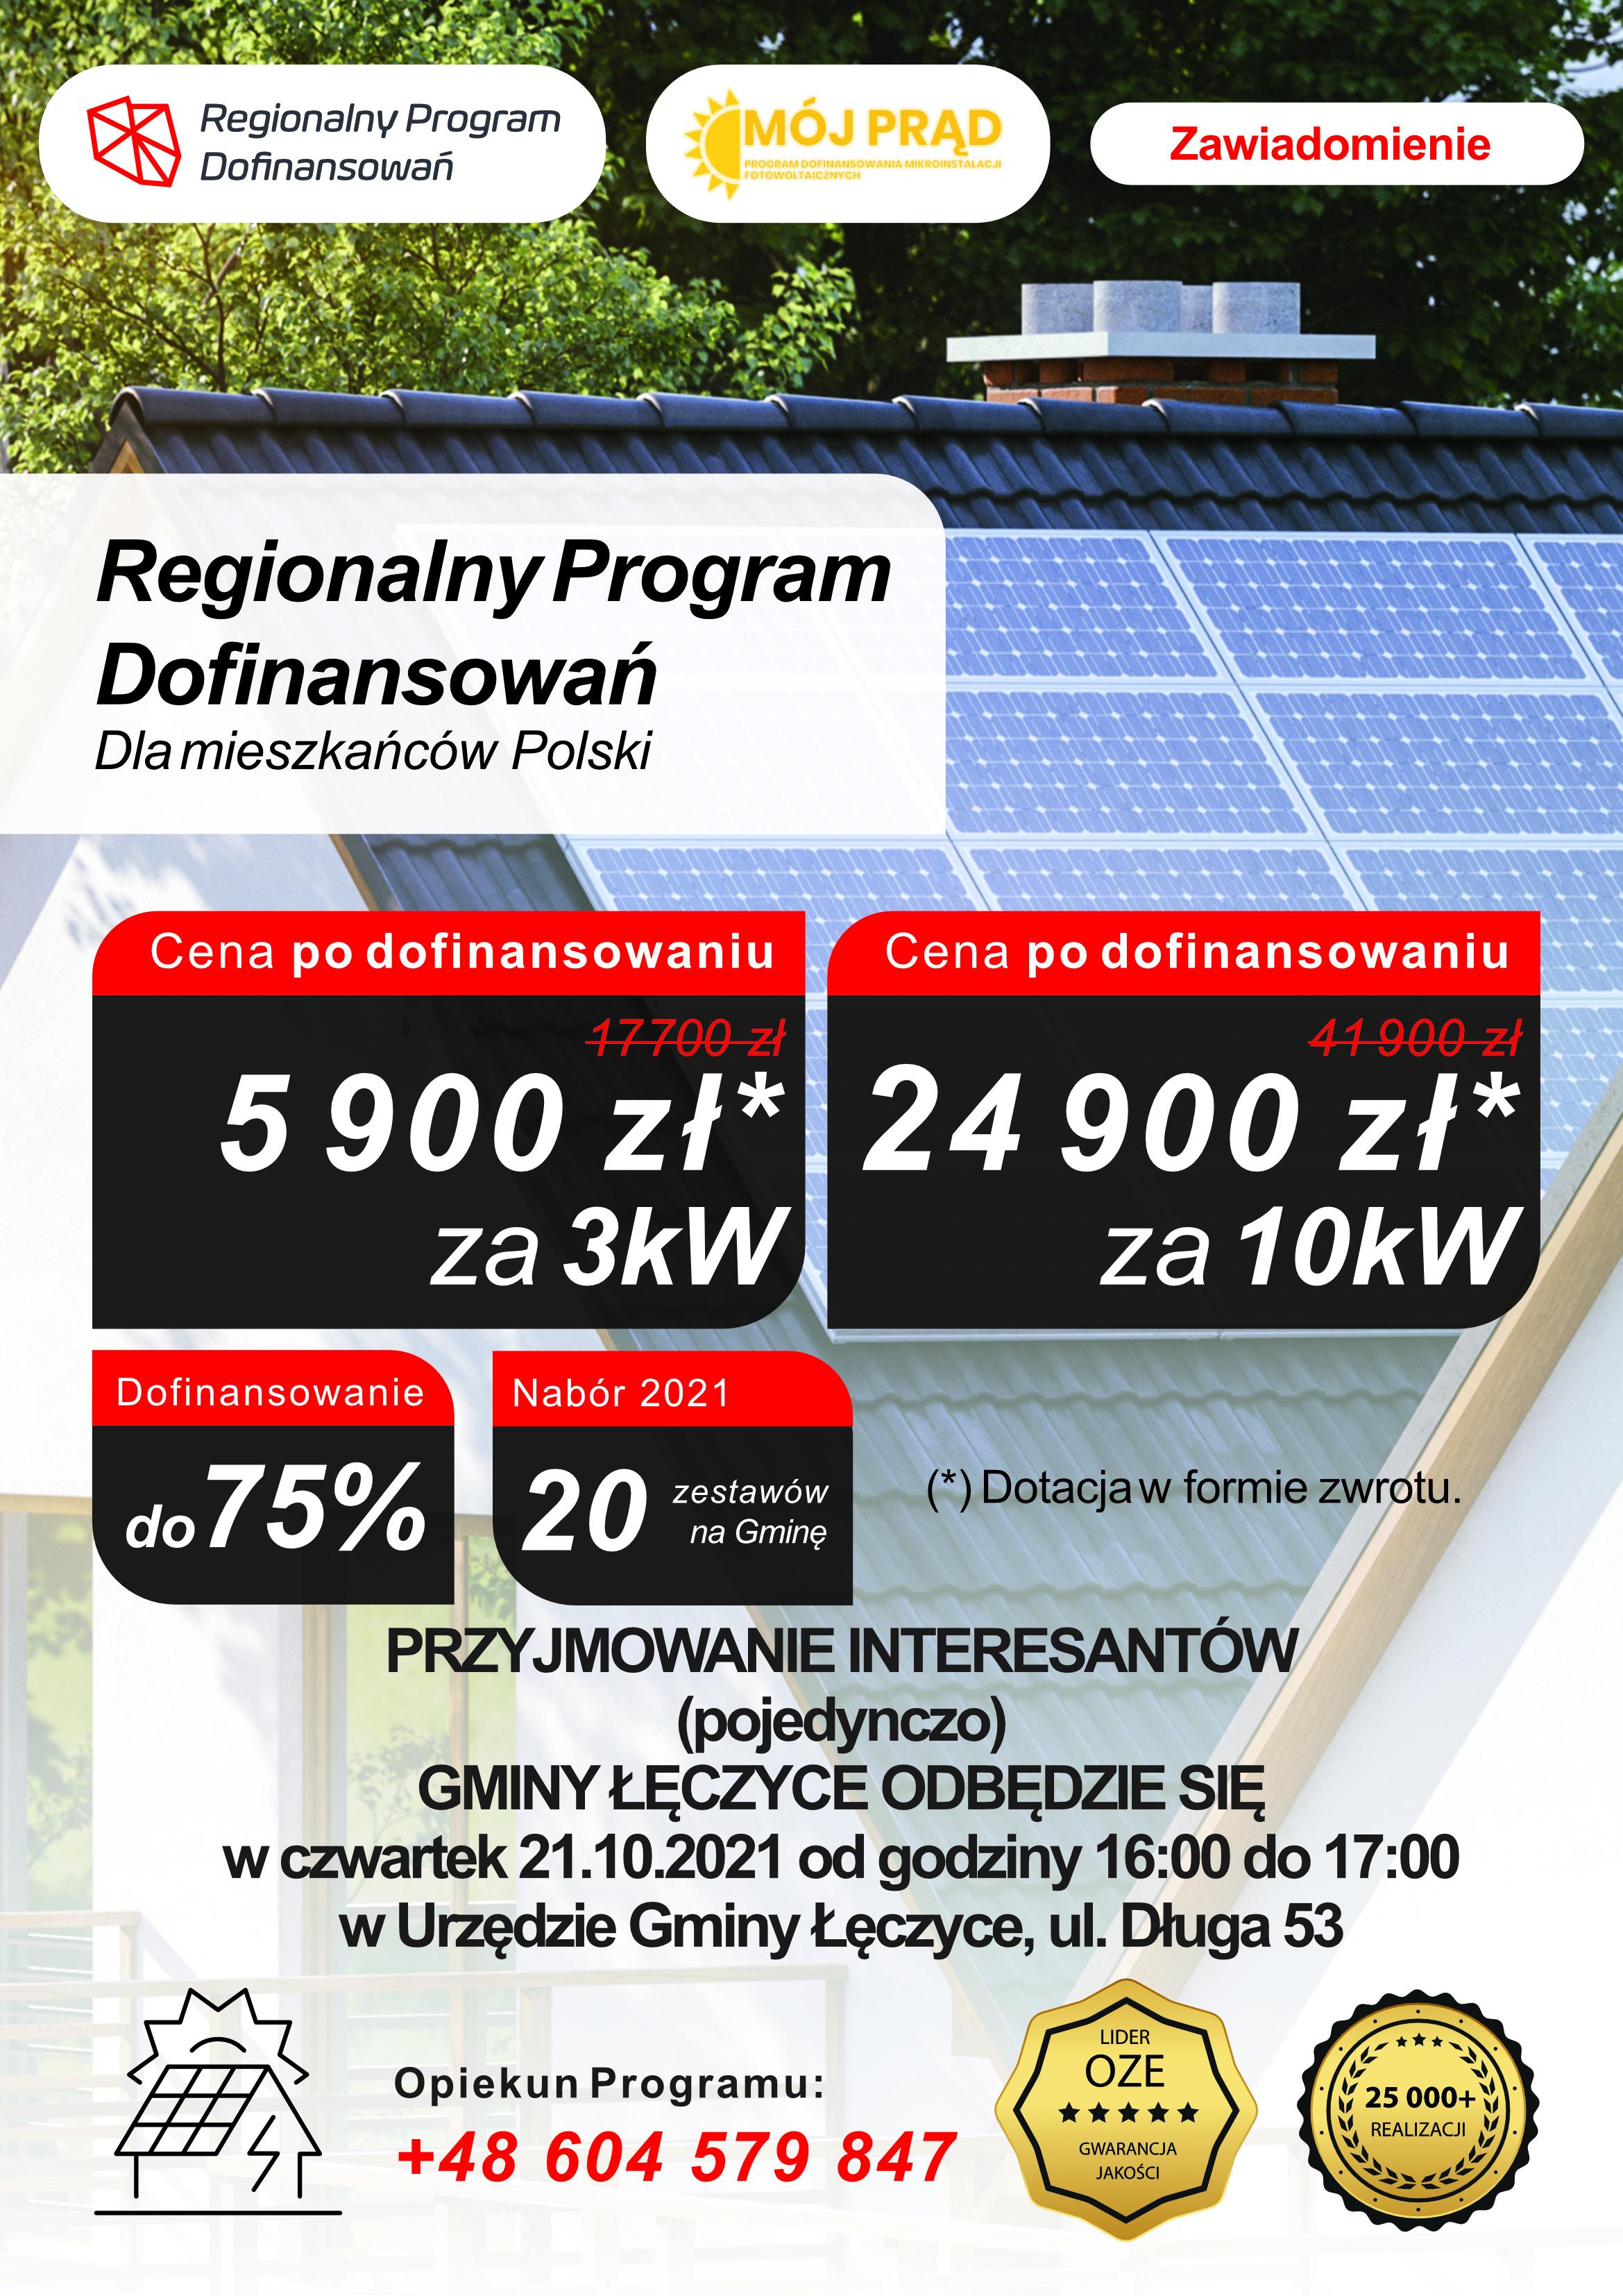 Plakat informujący o przyjmowaniu interesantów w sprawie dofinansowania instalacji fotowoltaicznych